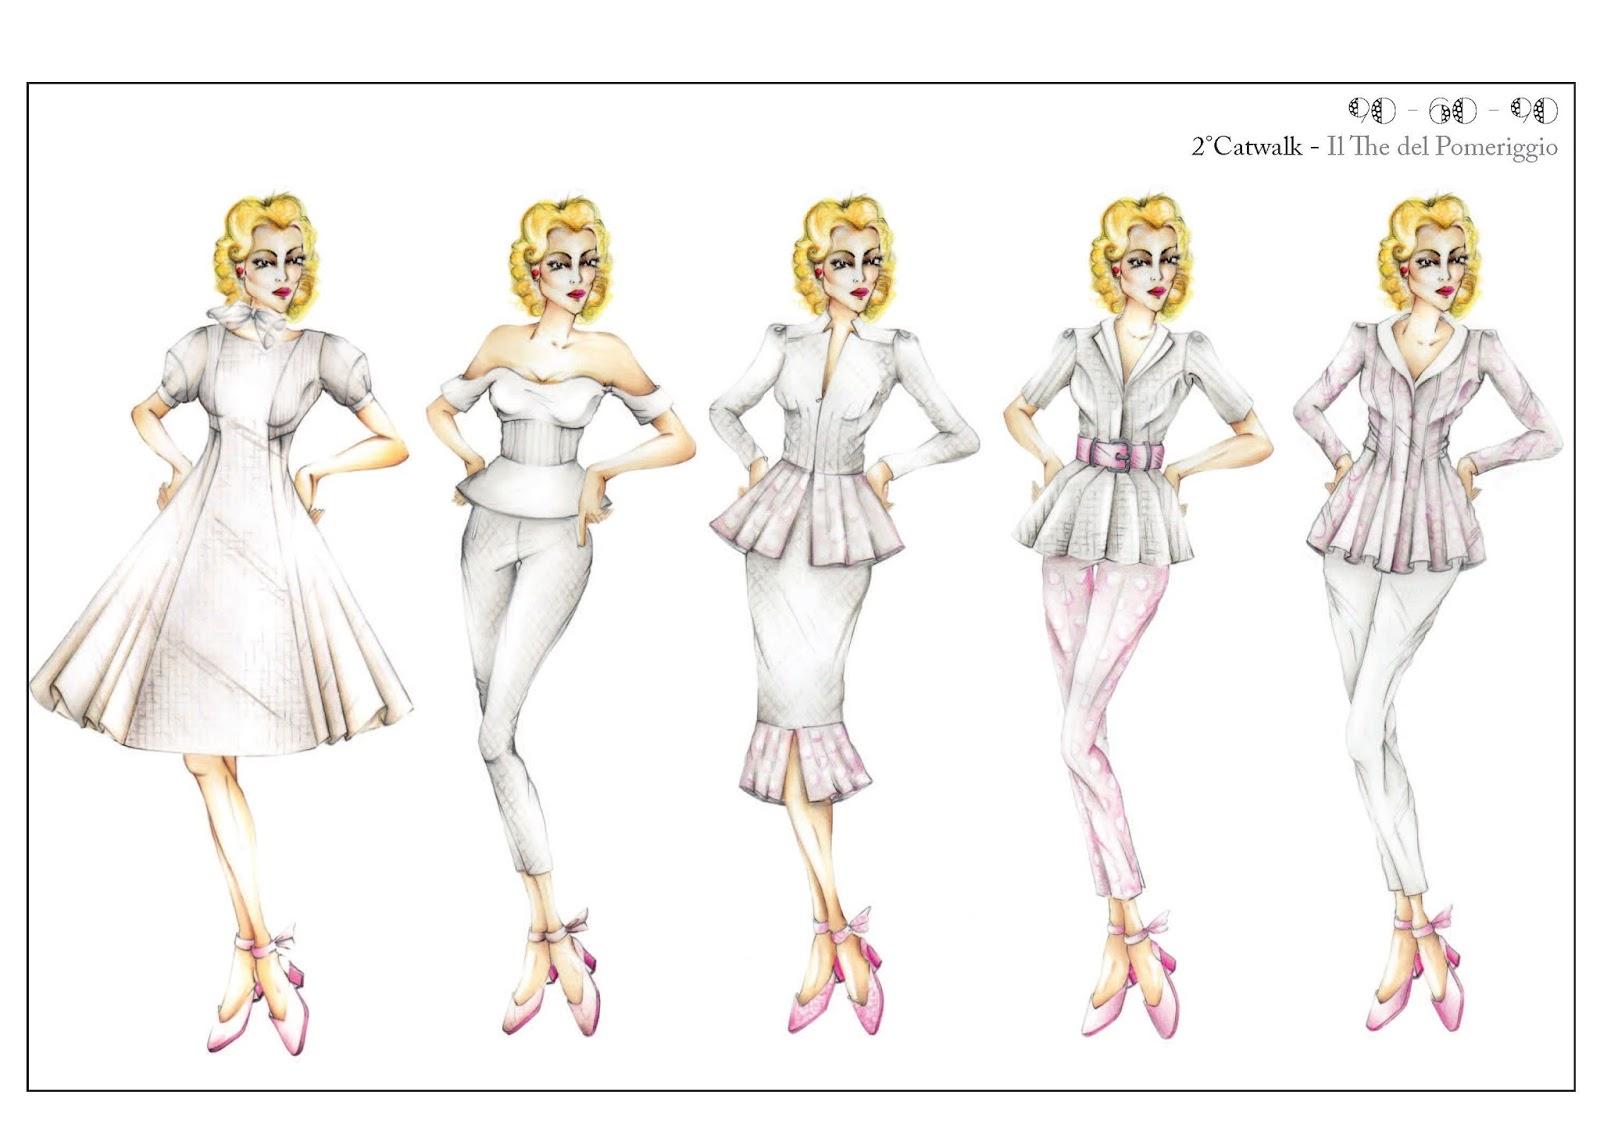 Estremamente Valentina Poltronieri Fashion Blog: DISEGNI DI MODA BV19